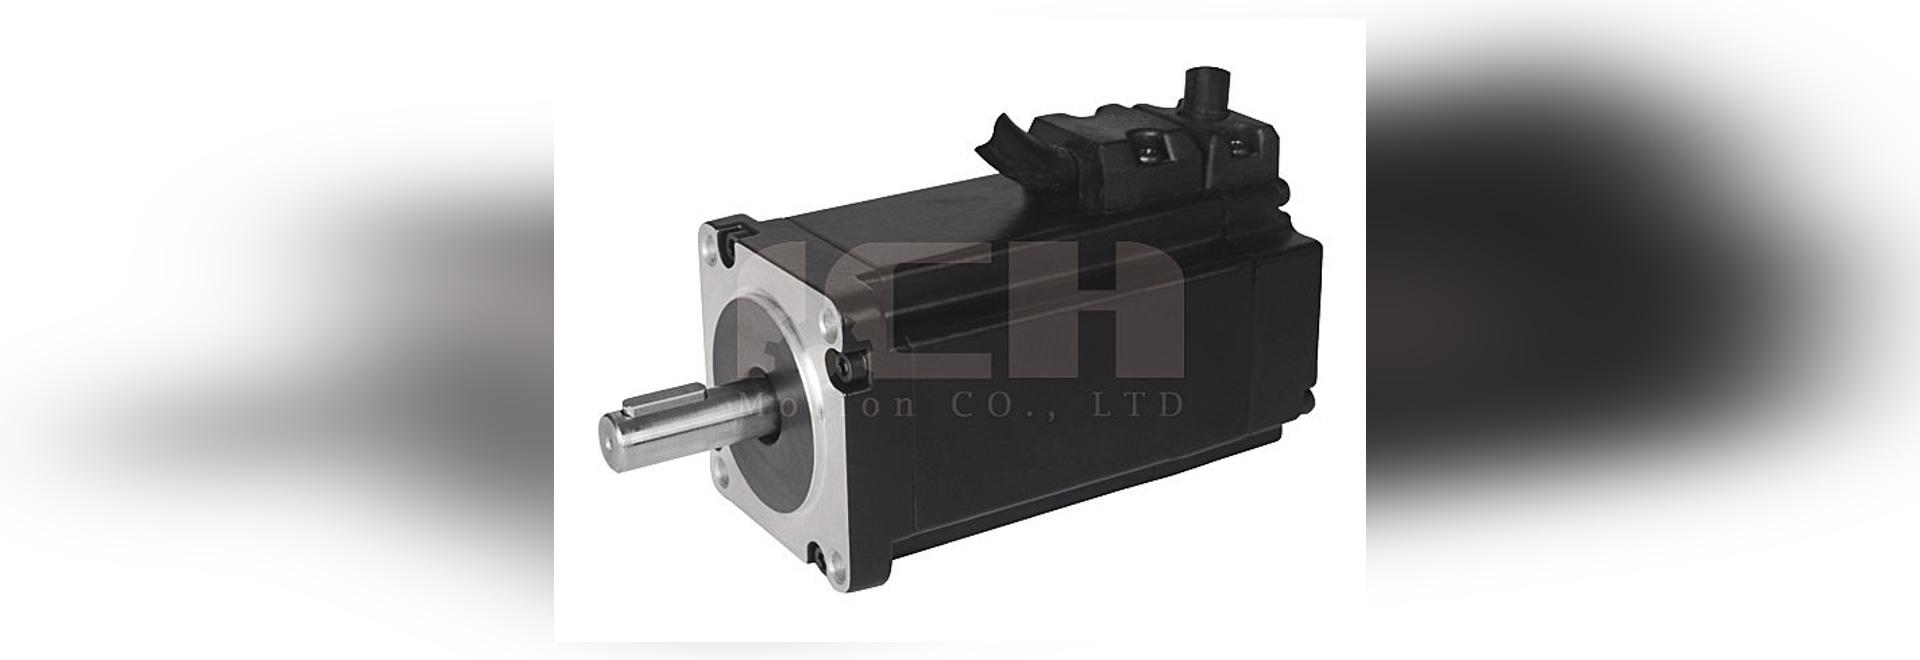 Brushless DC Motor D425 BLDC MOTOR  Brushless motor DC motor